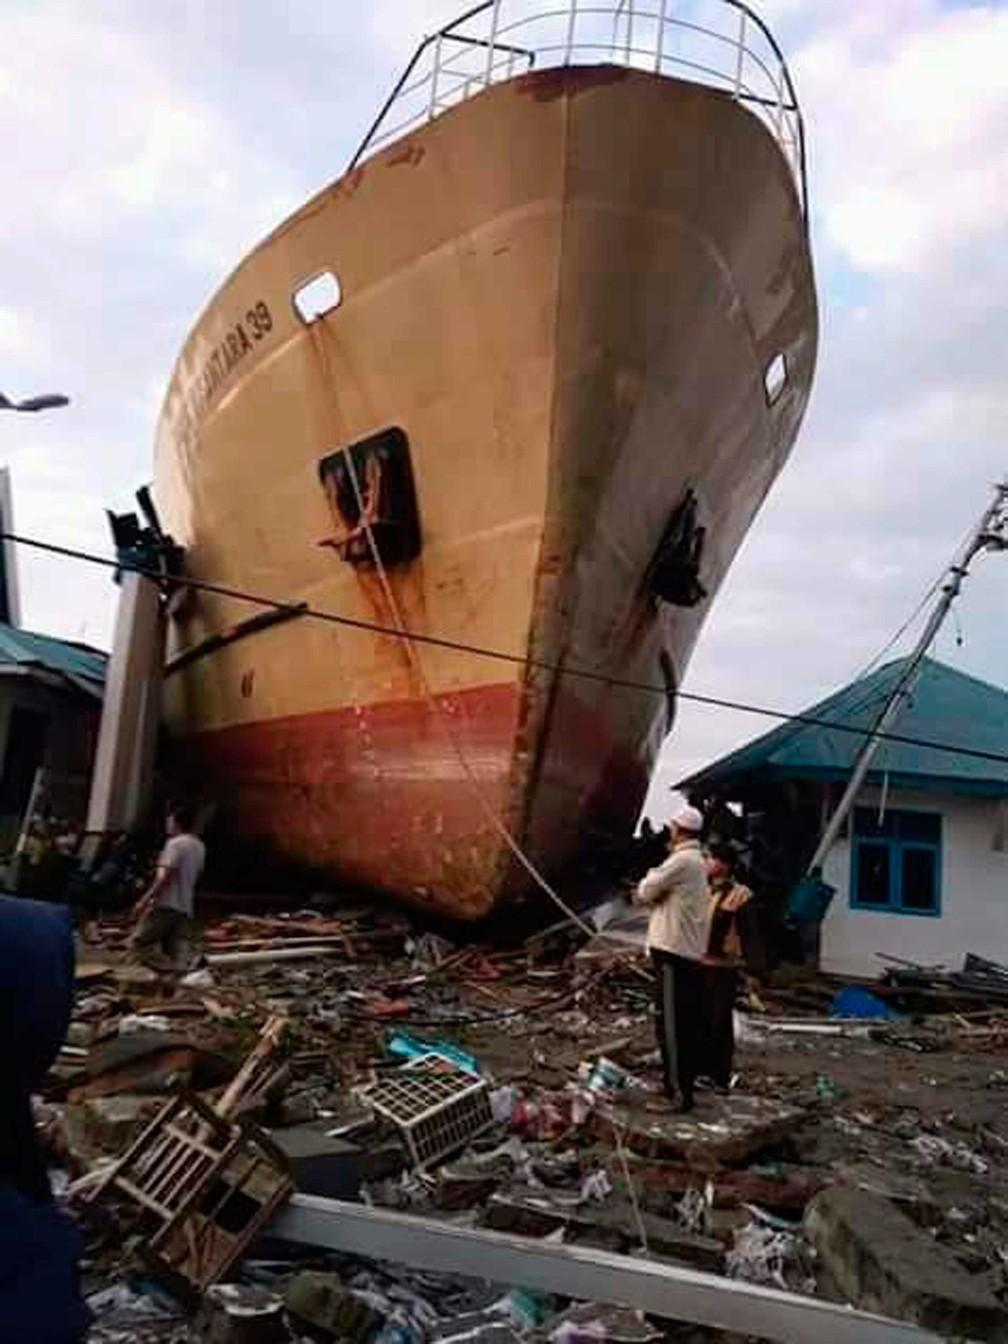 Navio levado pelo tsunami em Palu — Foto: Rio Mario / AP